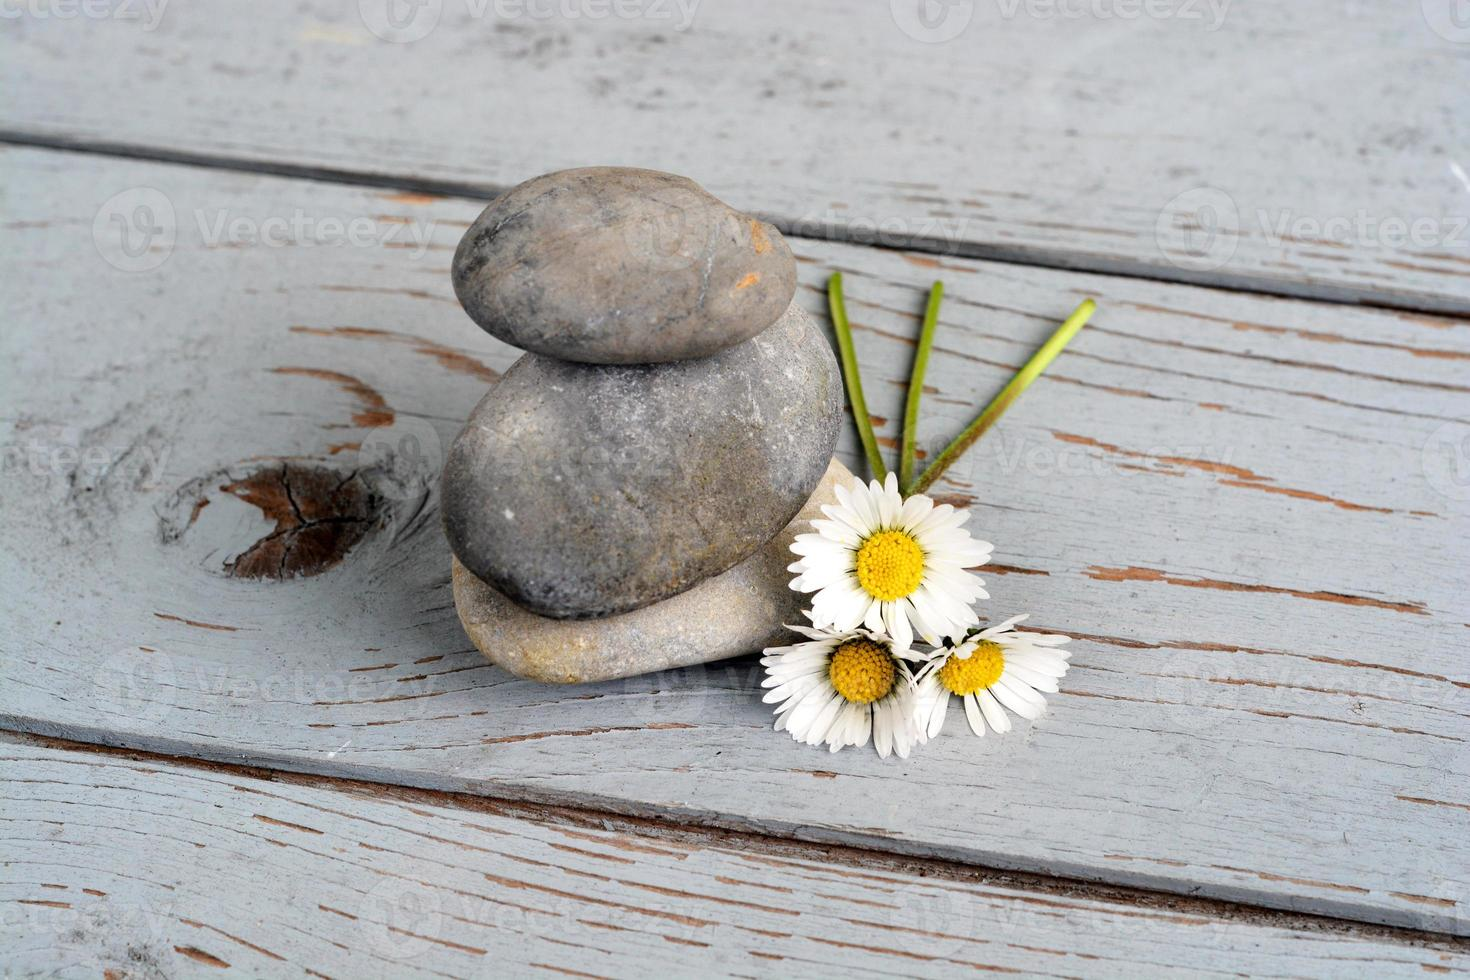 tres piedras zen con margaritas en madera vieja foto